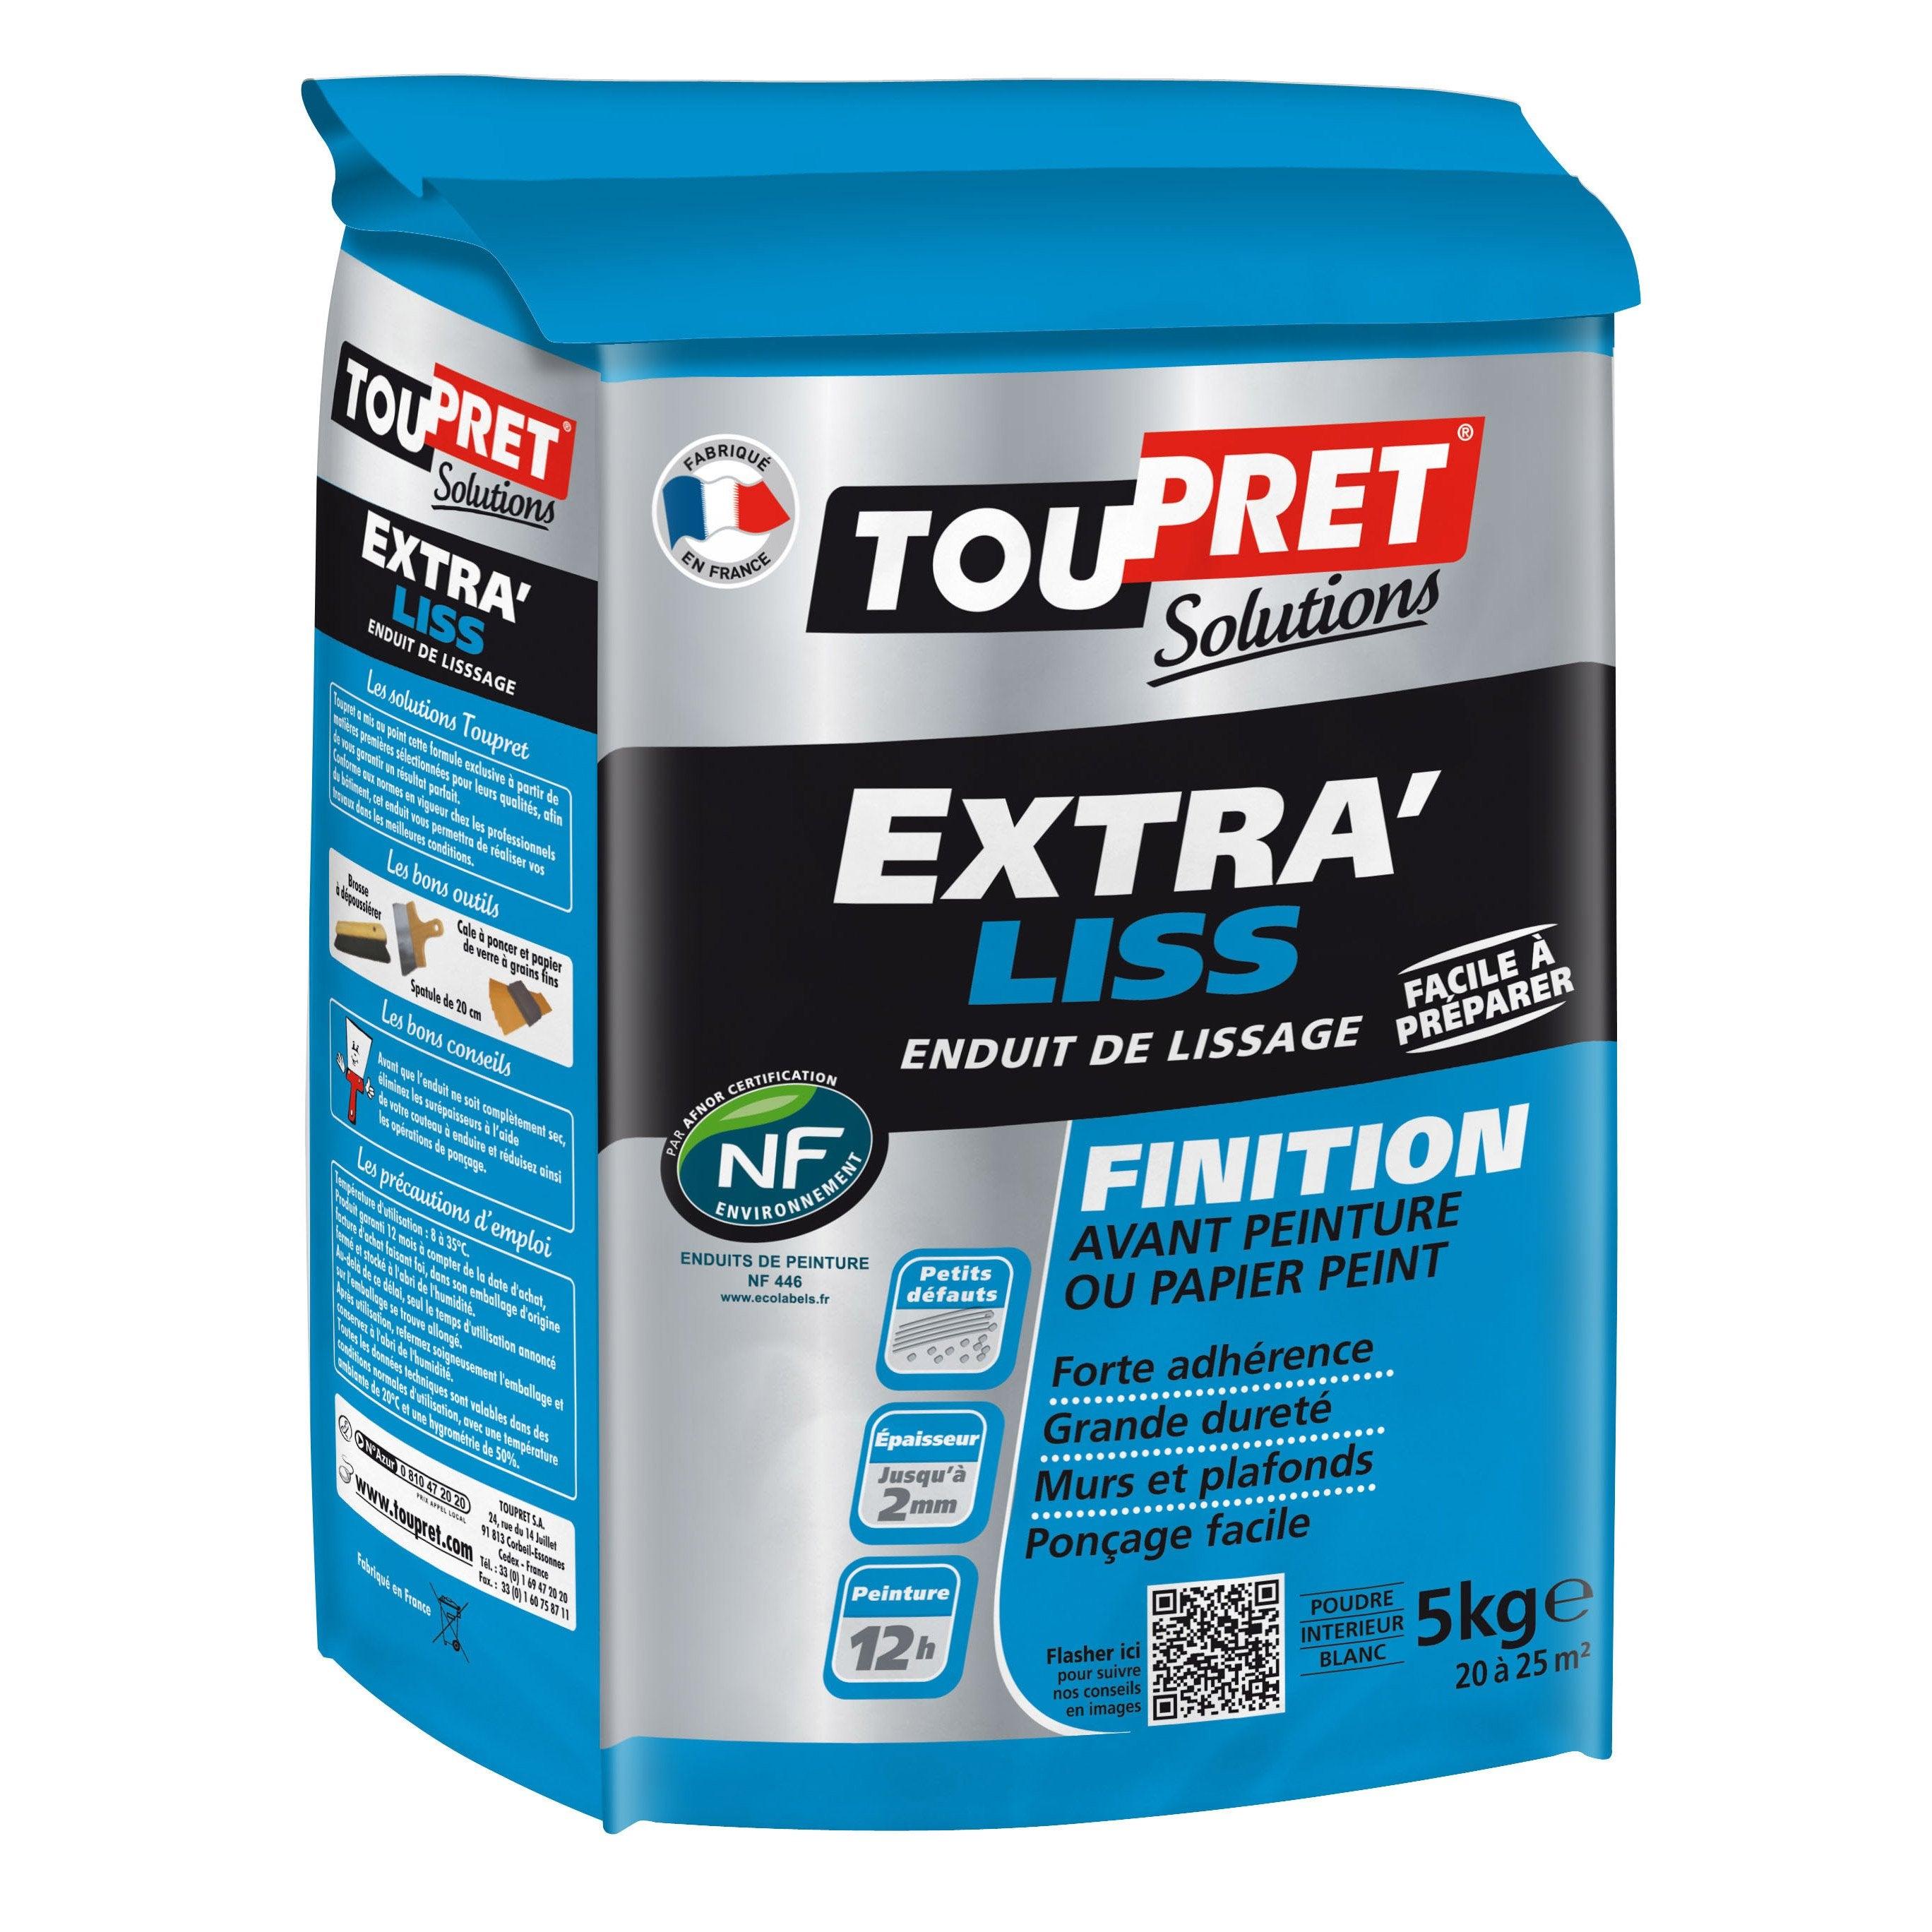 Toile À Enduire Plafond enduit de lissage toupret extra liss 5 kg en poudre, pour mur et plafond